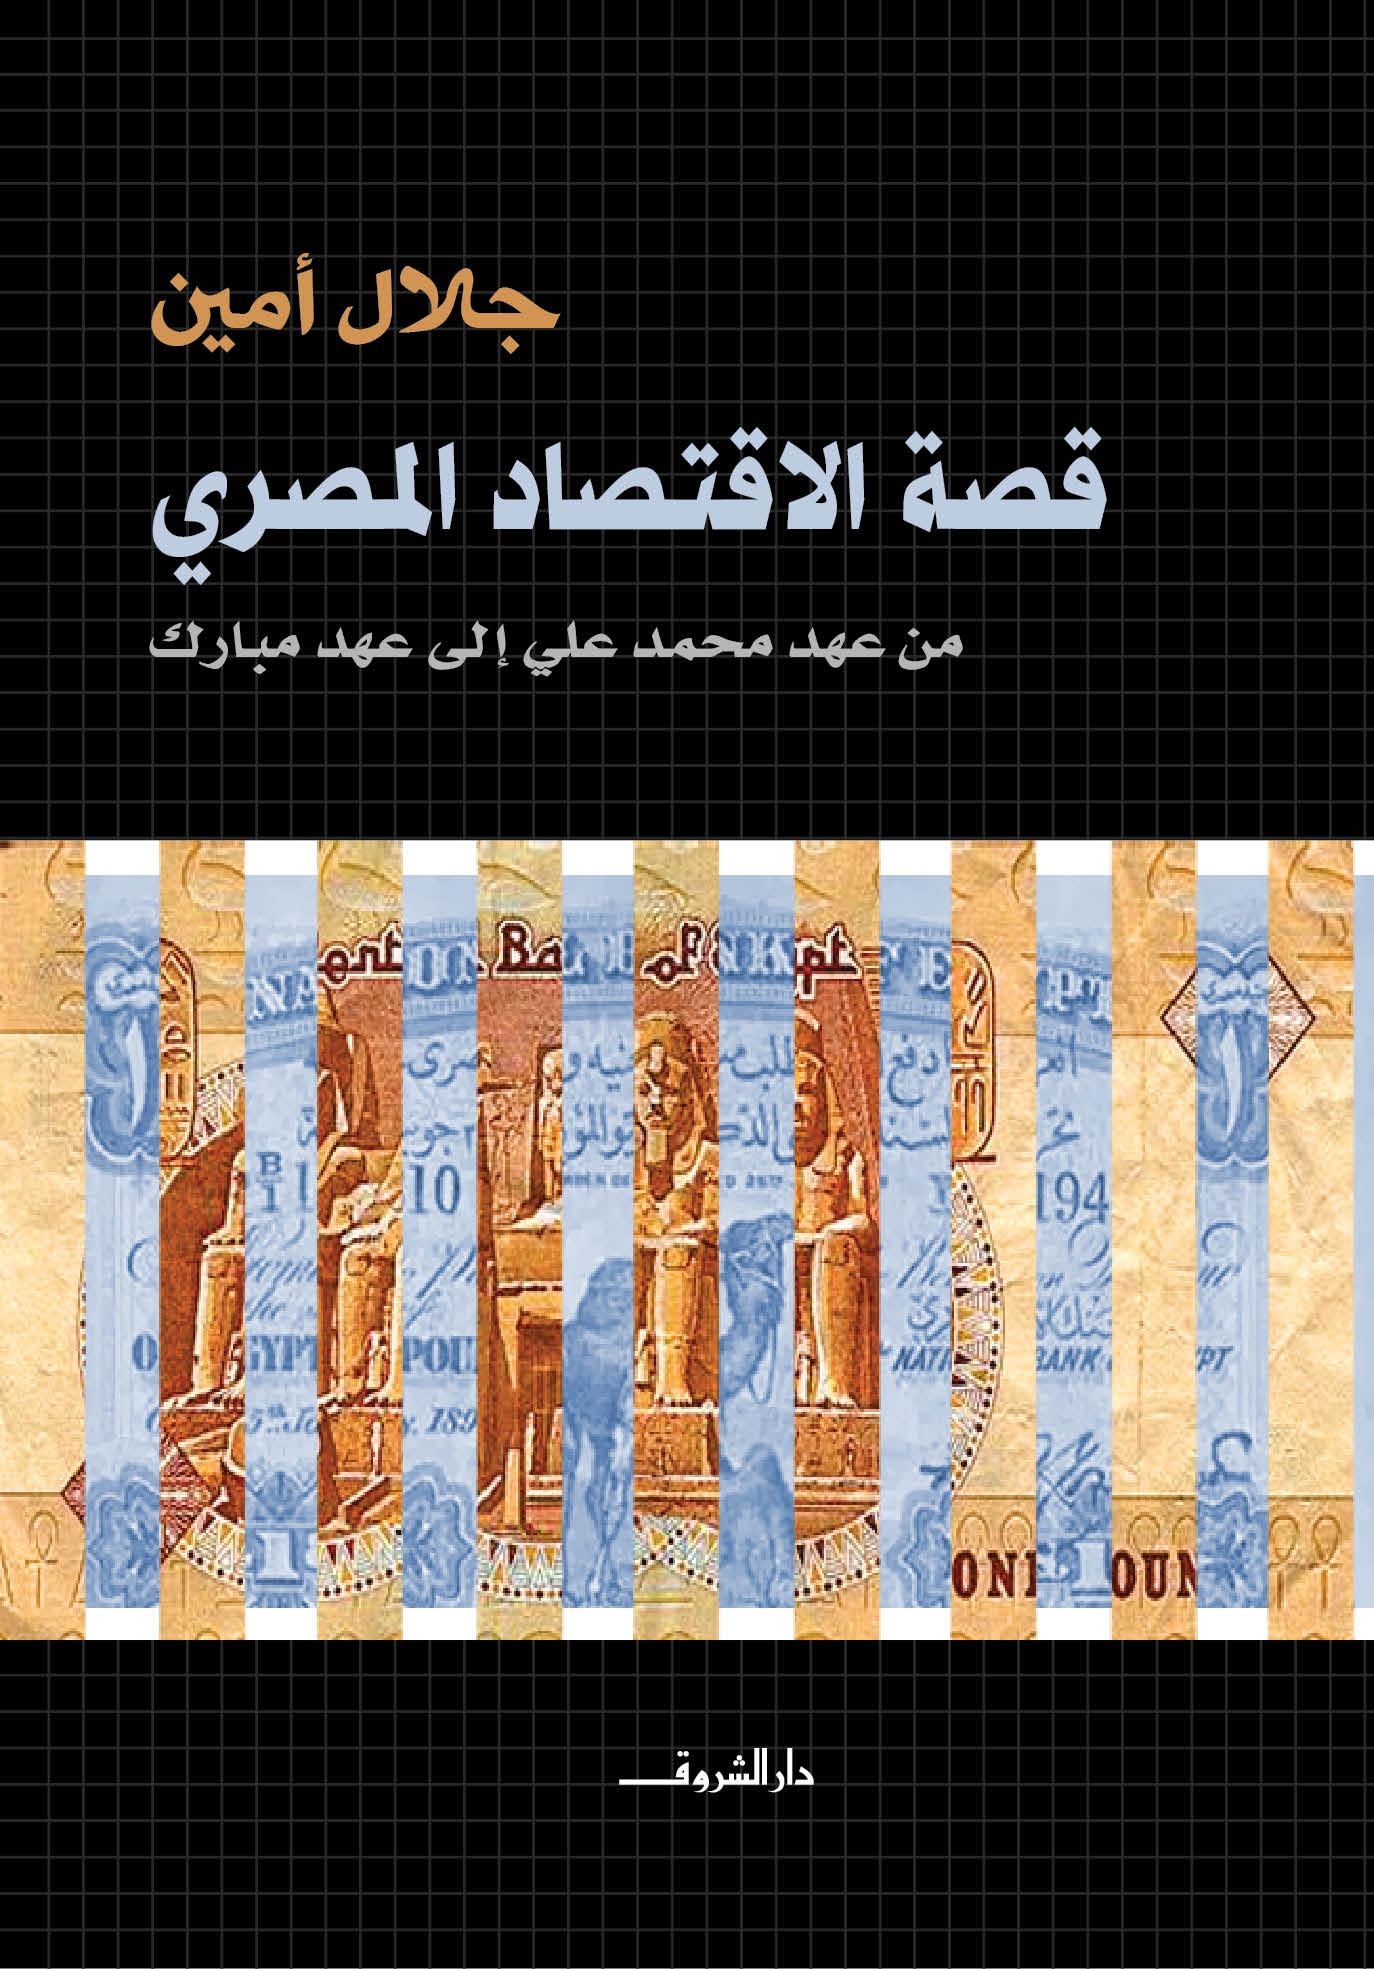 قصة الإقتصاد المصرى